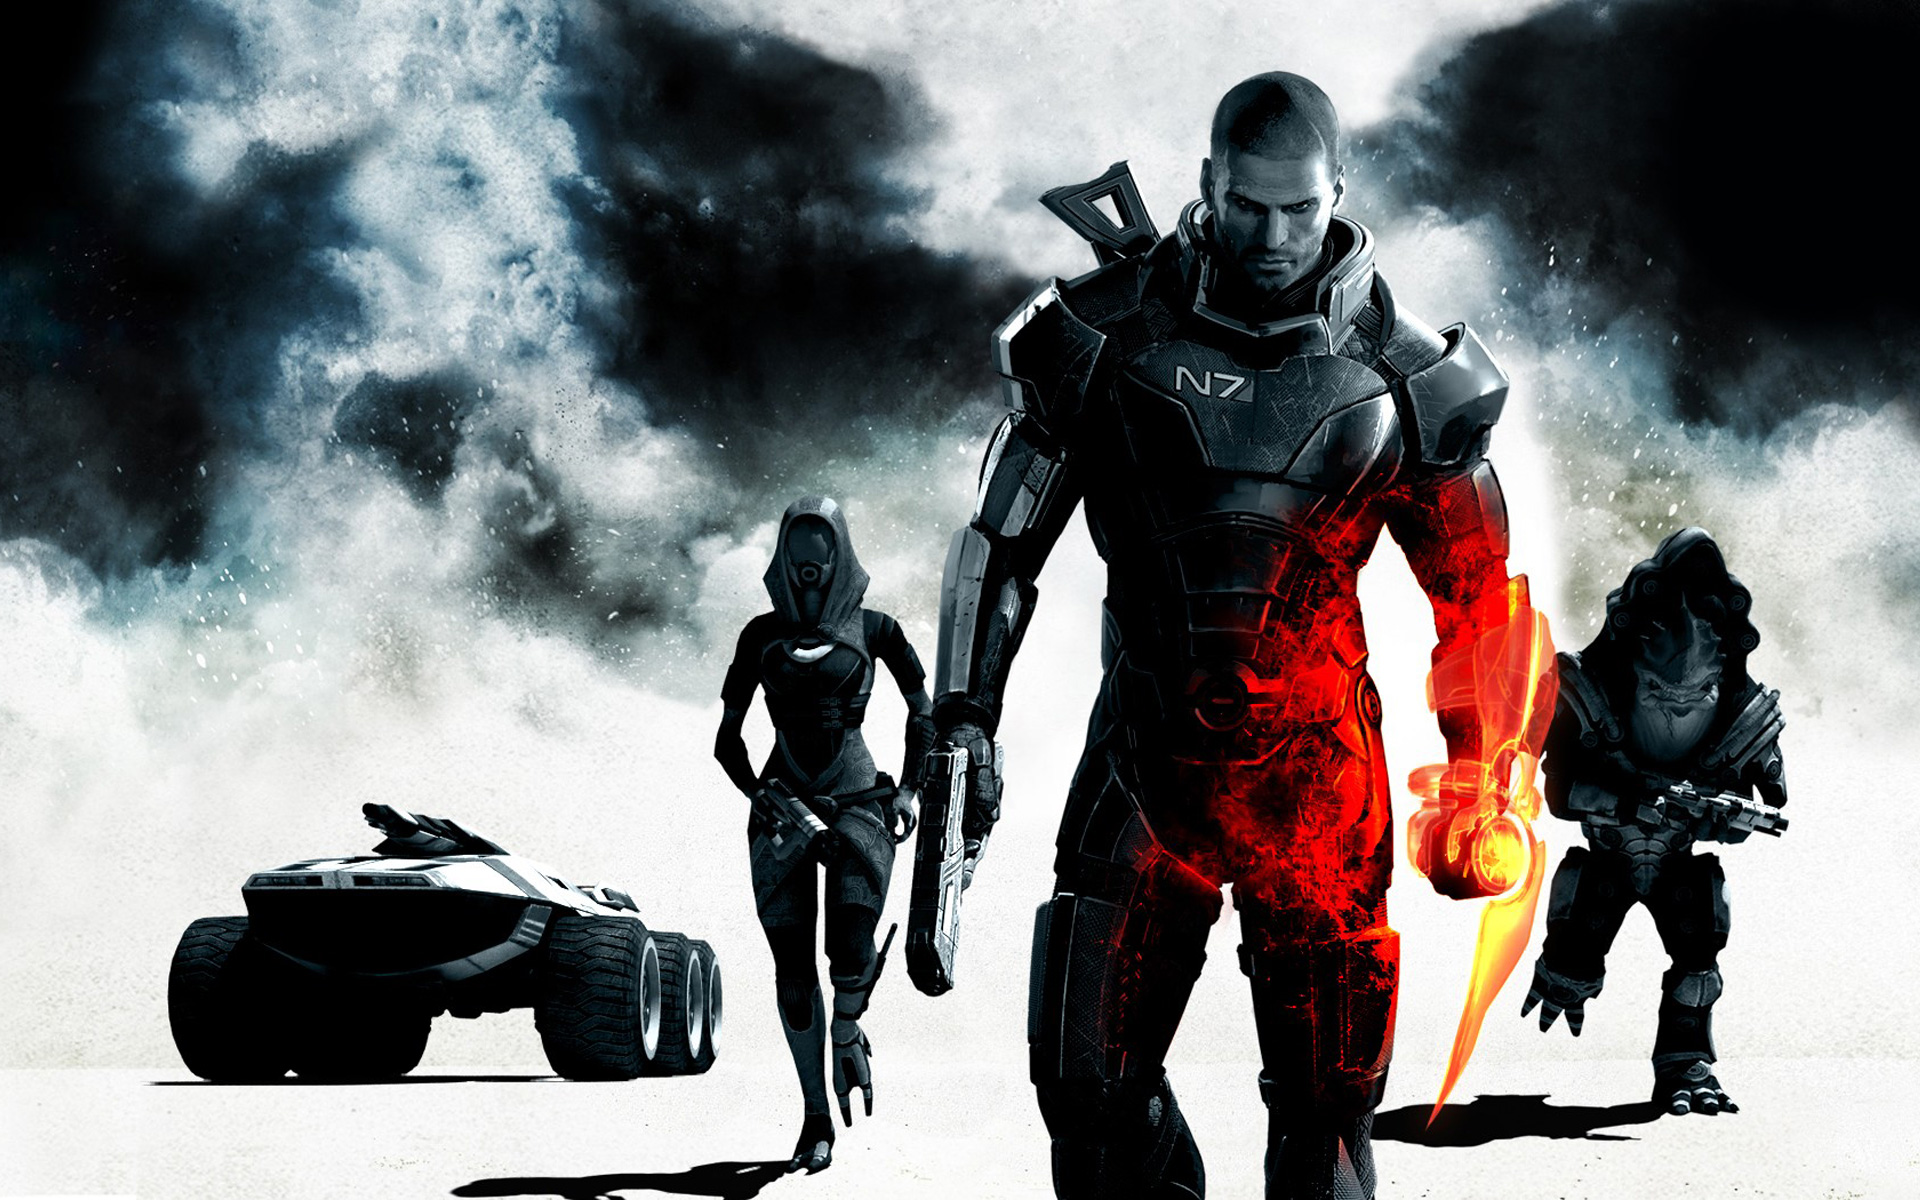 Mass Effect 3 Wallpaper 1446843 Hd Wallpaper Backgrounds